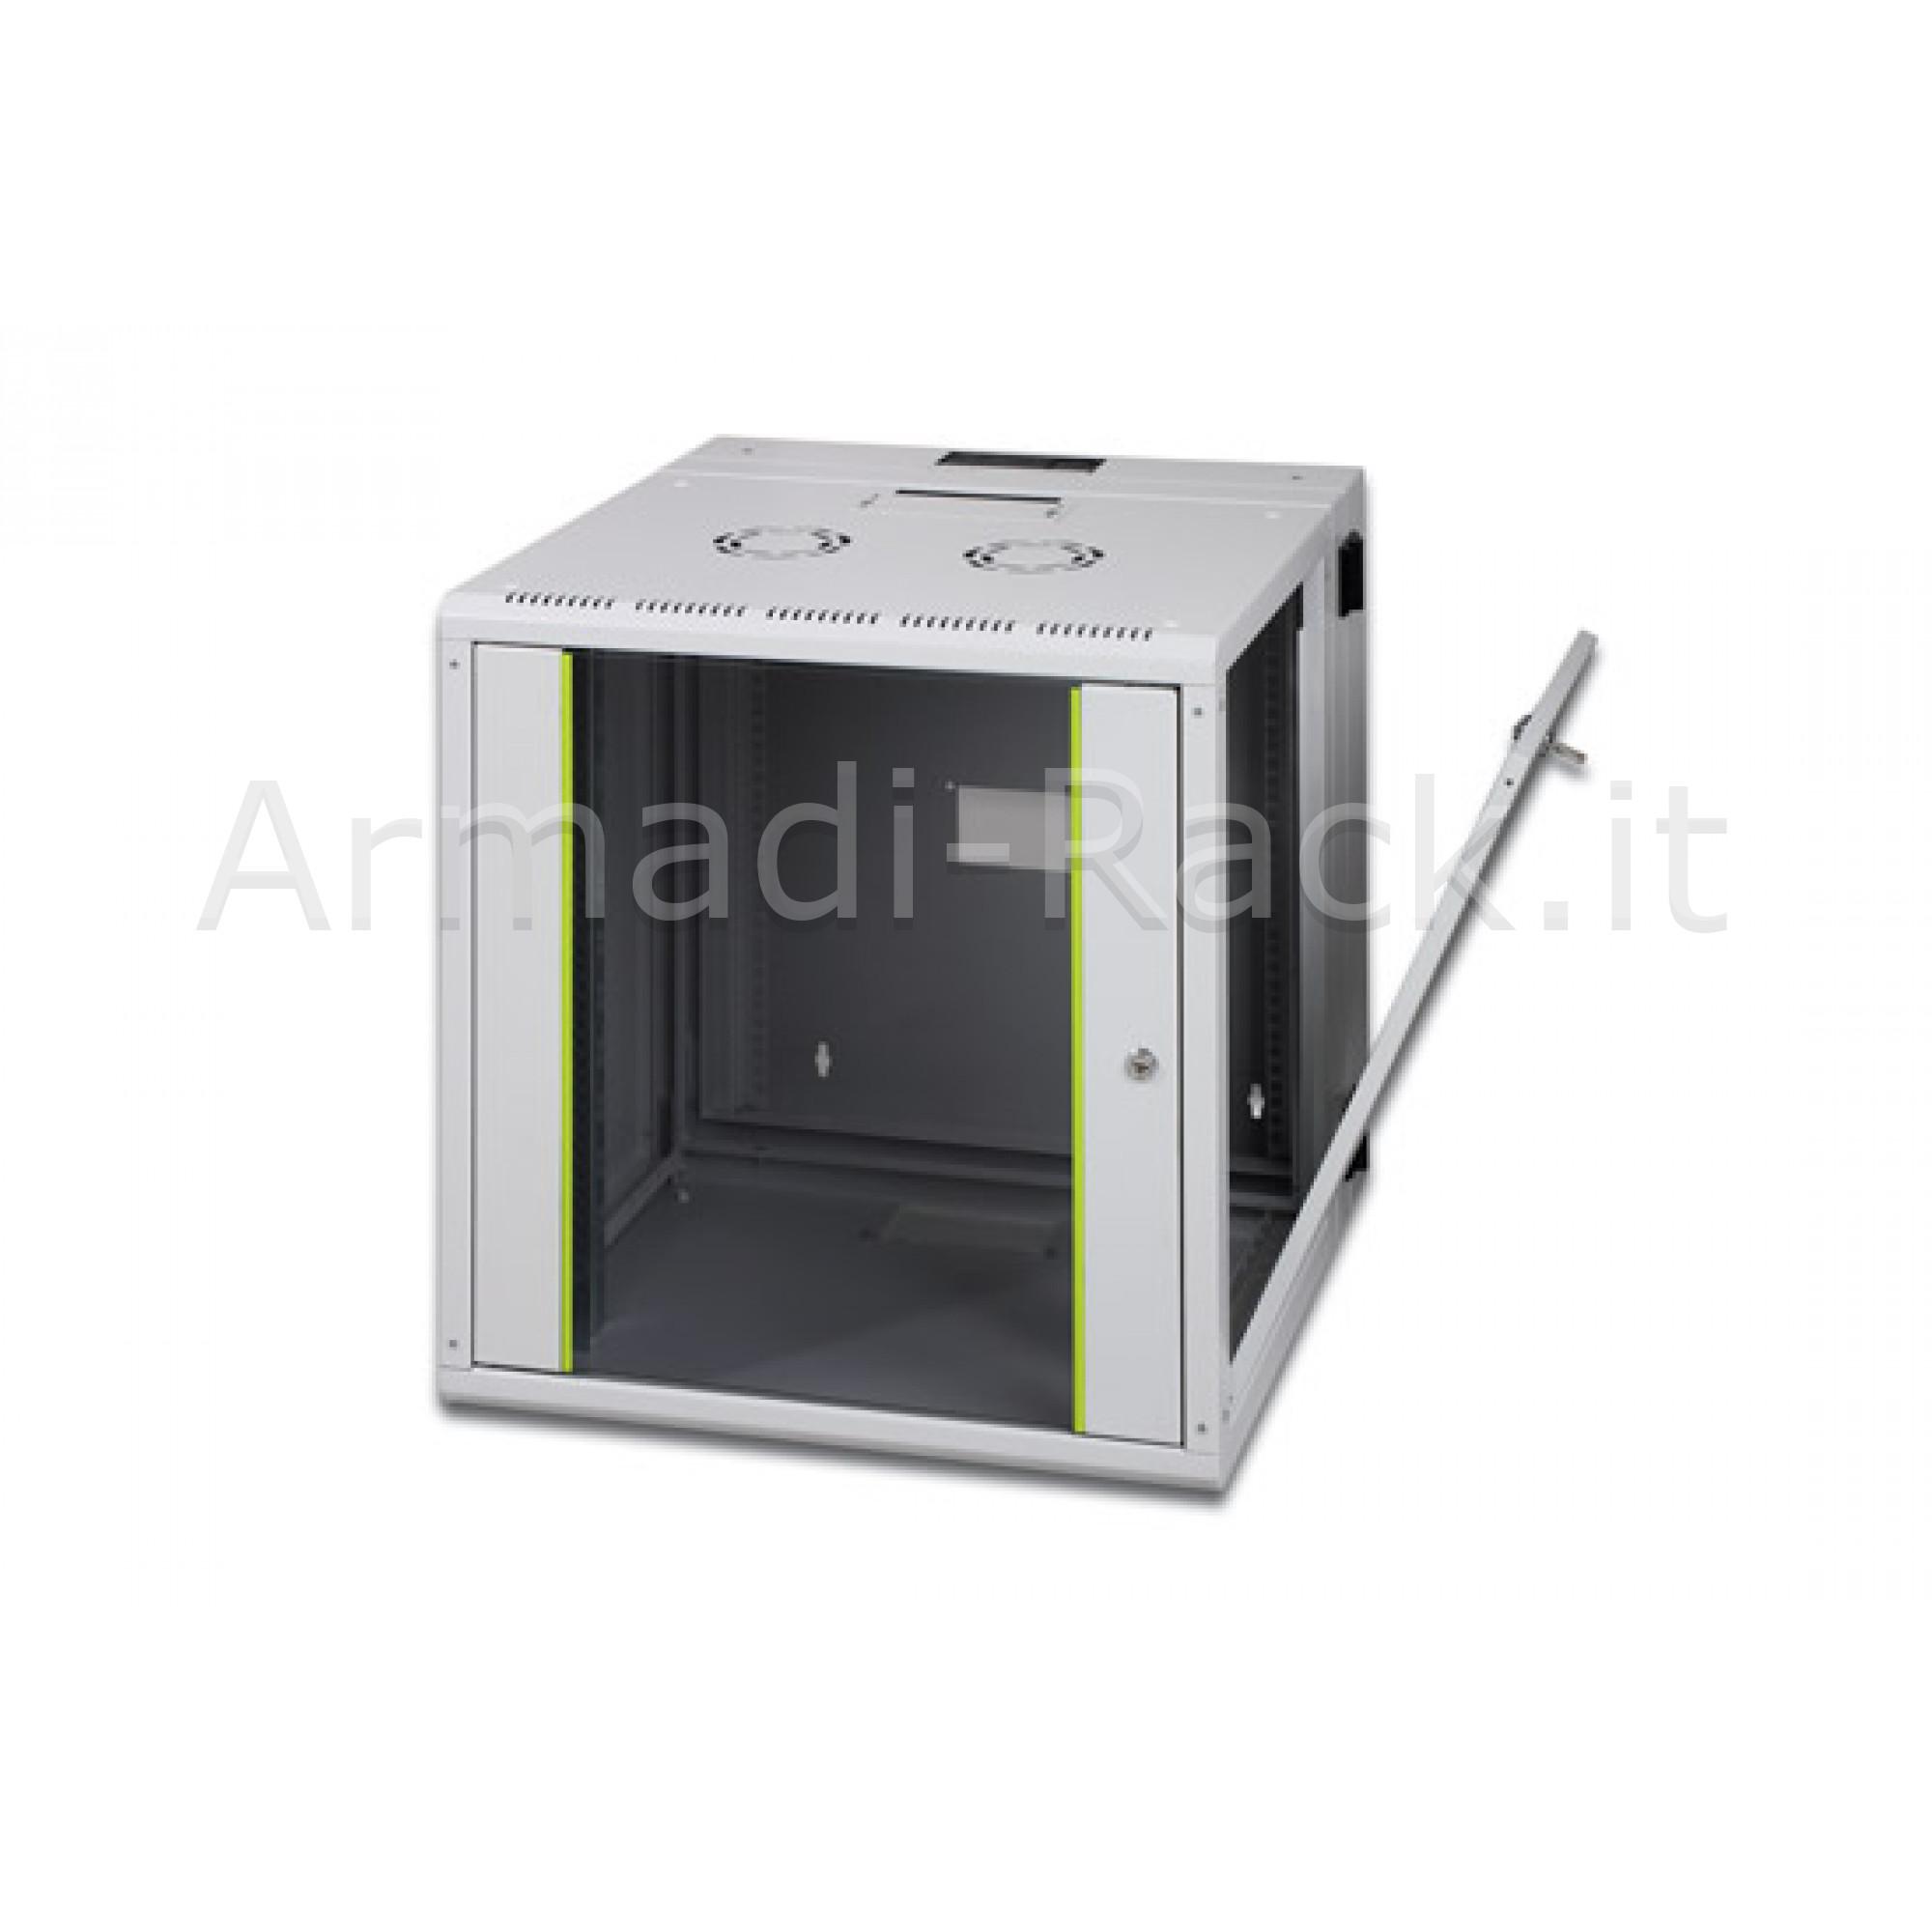 Armadio rack 16 unità da muro linea soho (a) 820 x (l) 600 x (p) 600 mm. con doppia sezione colore grigio chiaro ral 7035